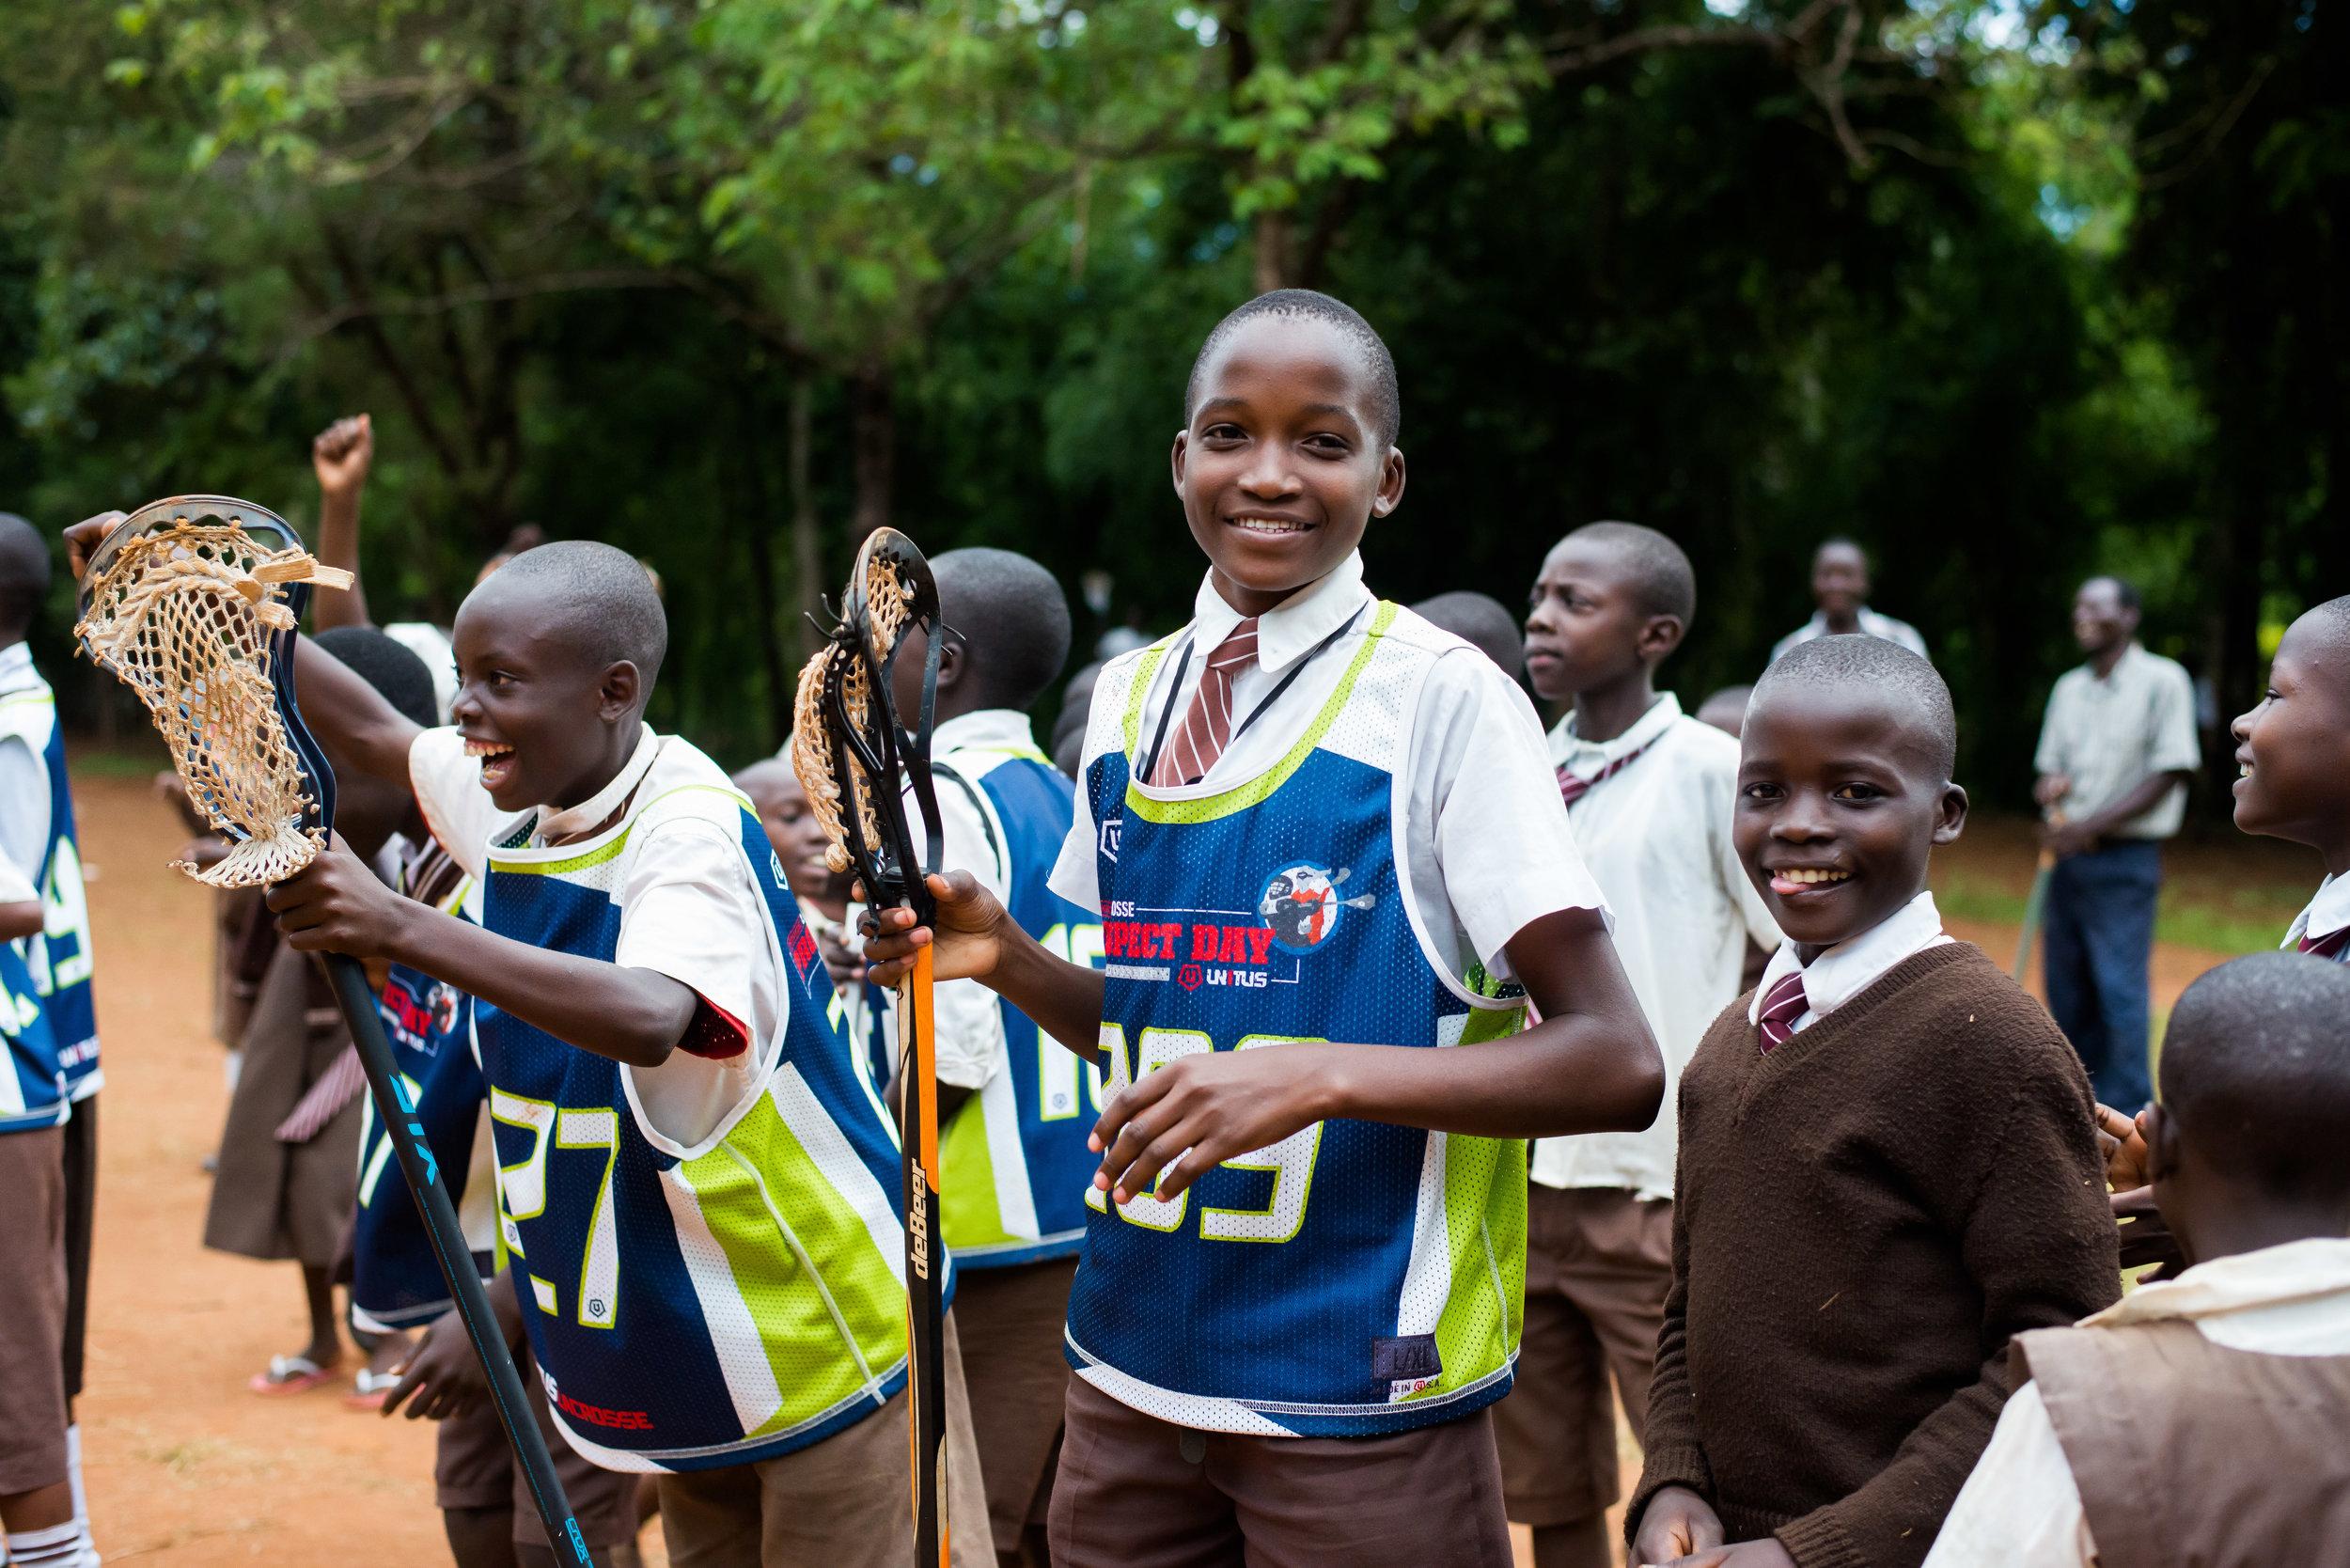 LUVLENS_KidsLacrosseTheWorld_Kenya_2016-221.jpg